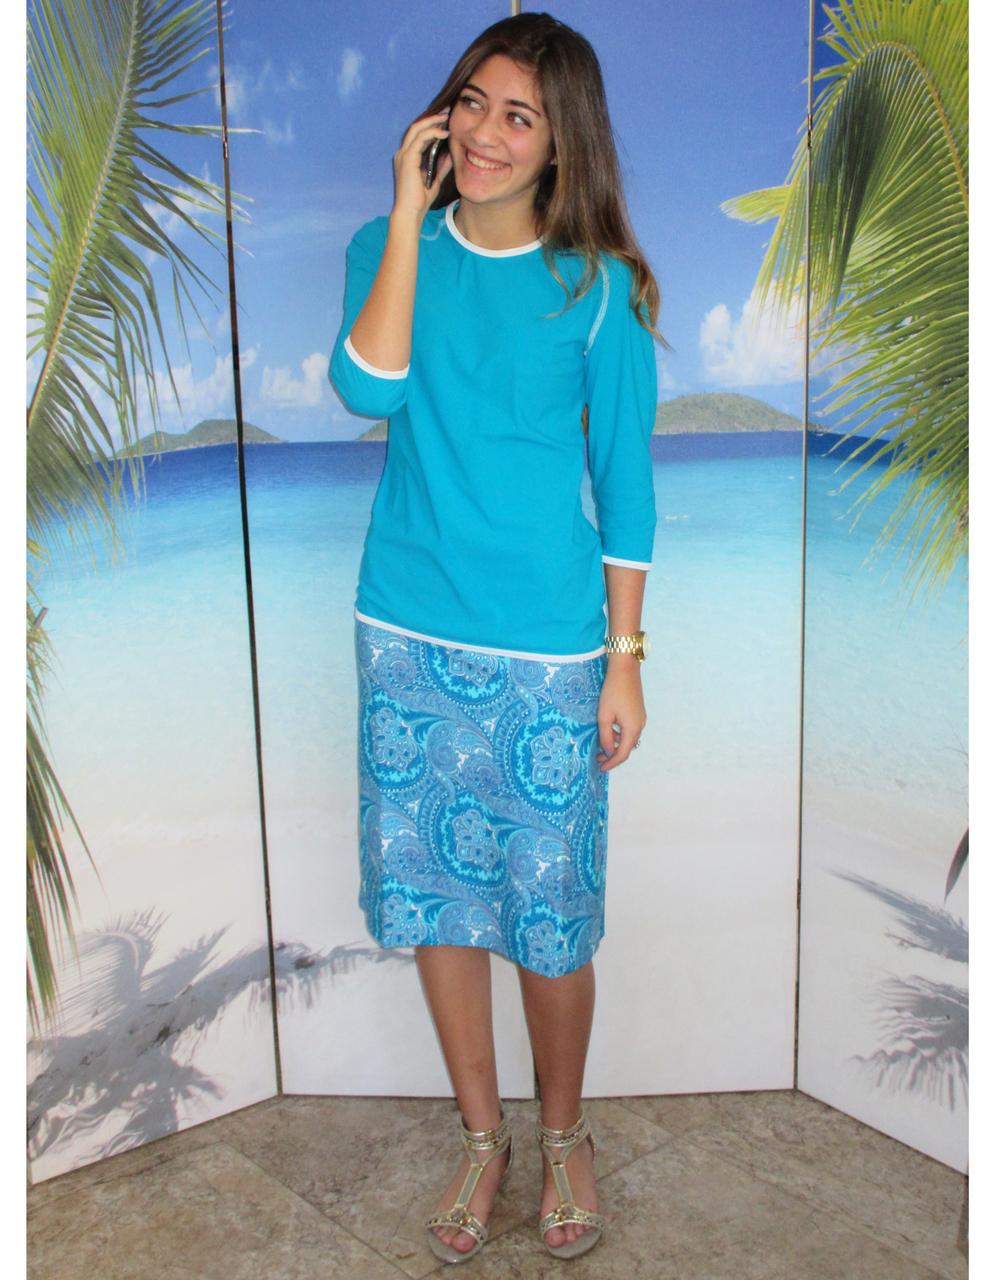 model-wearing-style-2629in-jade-with-jade-pasiley-skirt-28332.1447440678.1280.1280.jpg